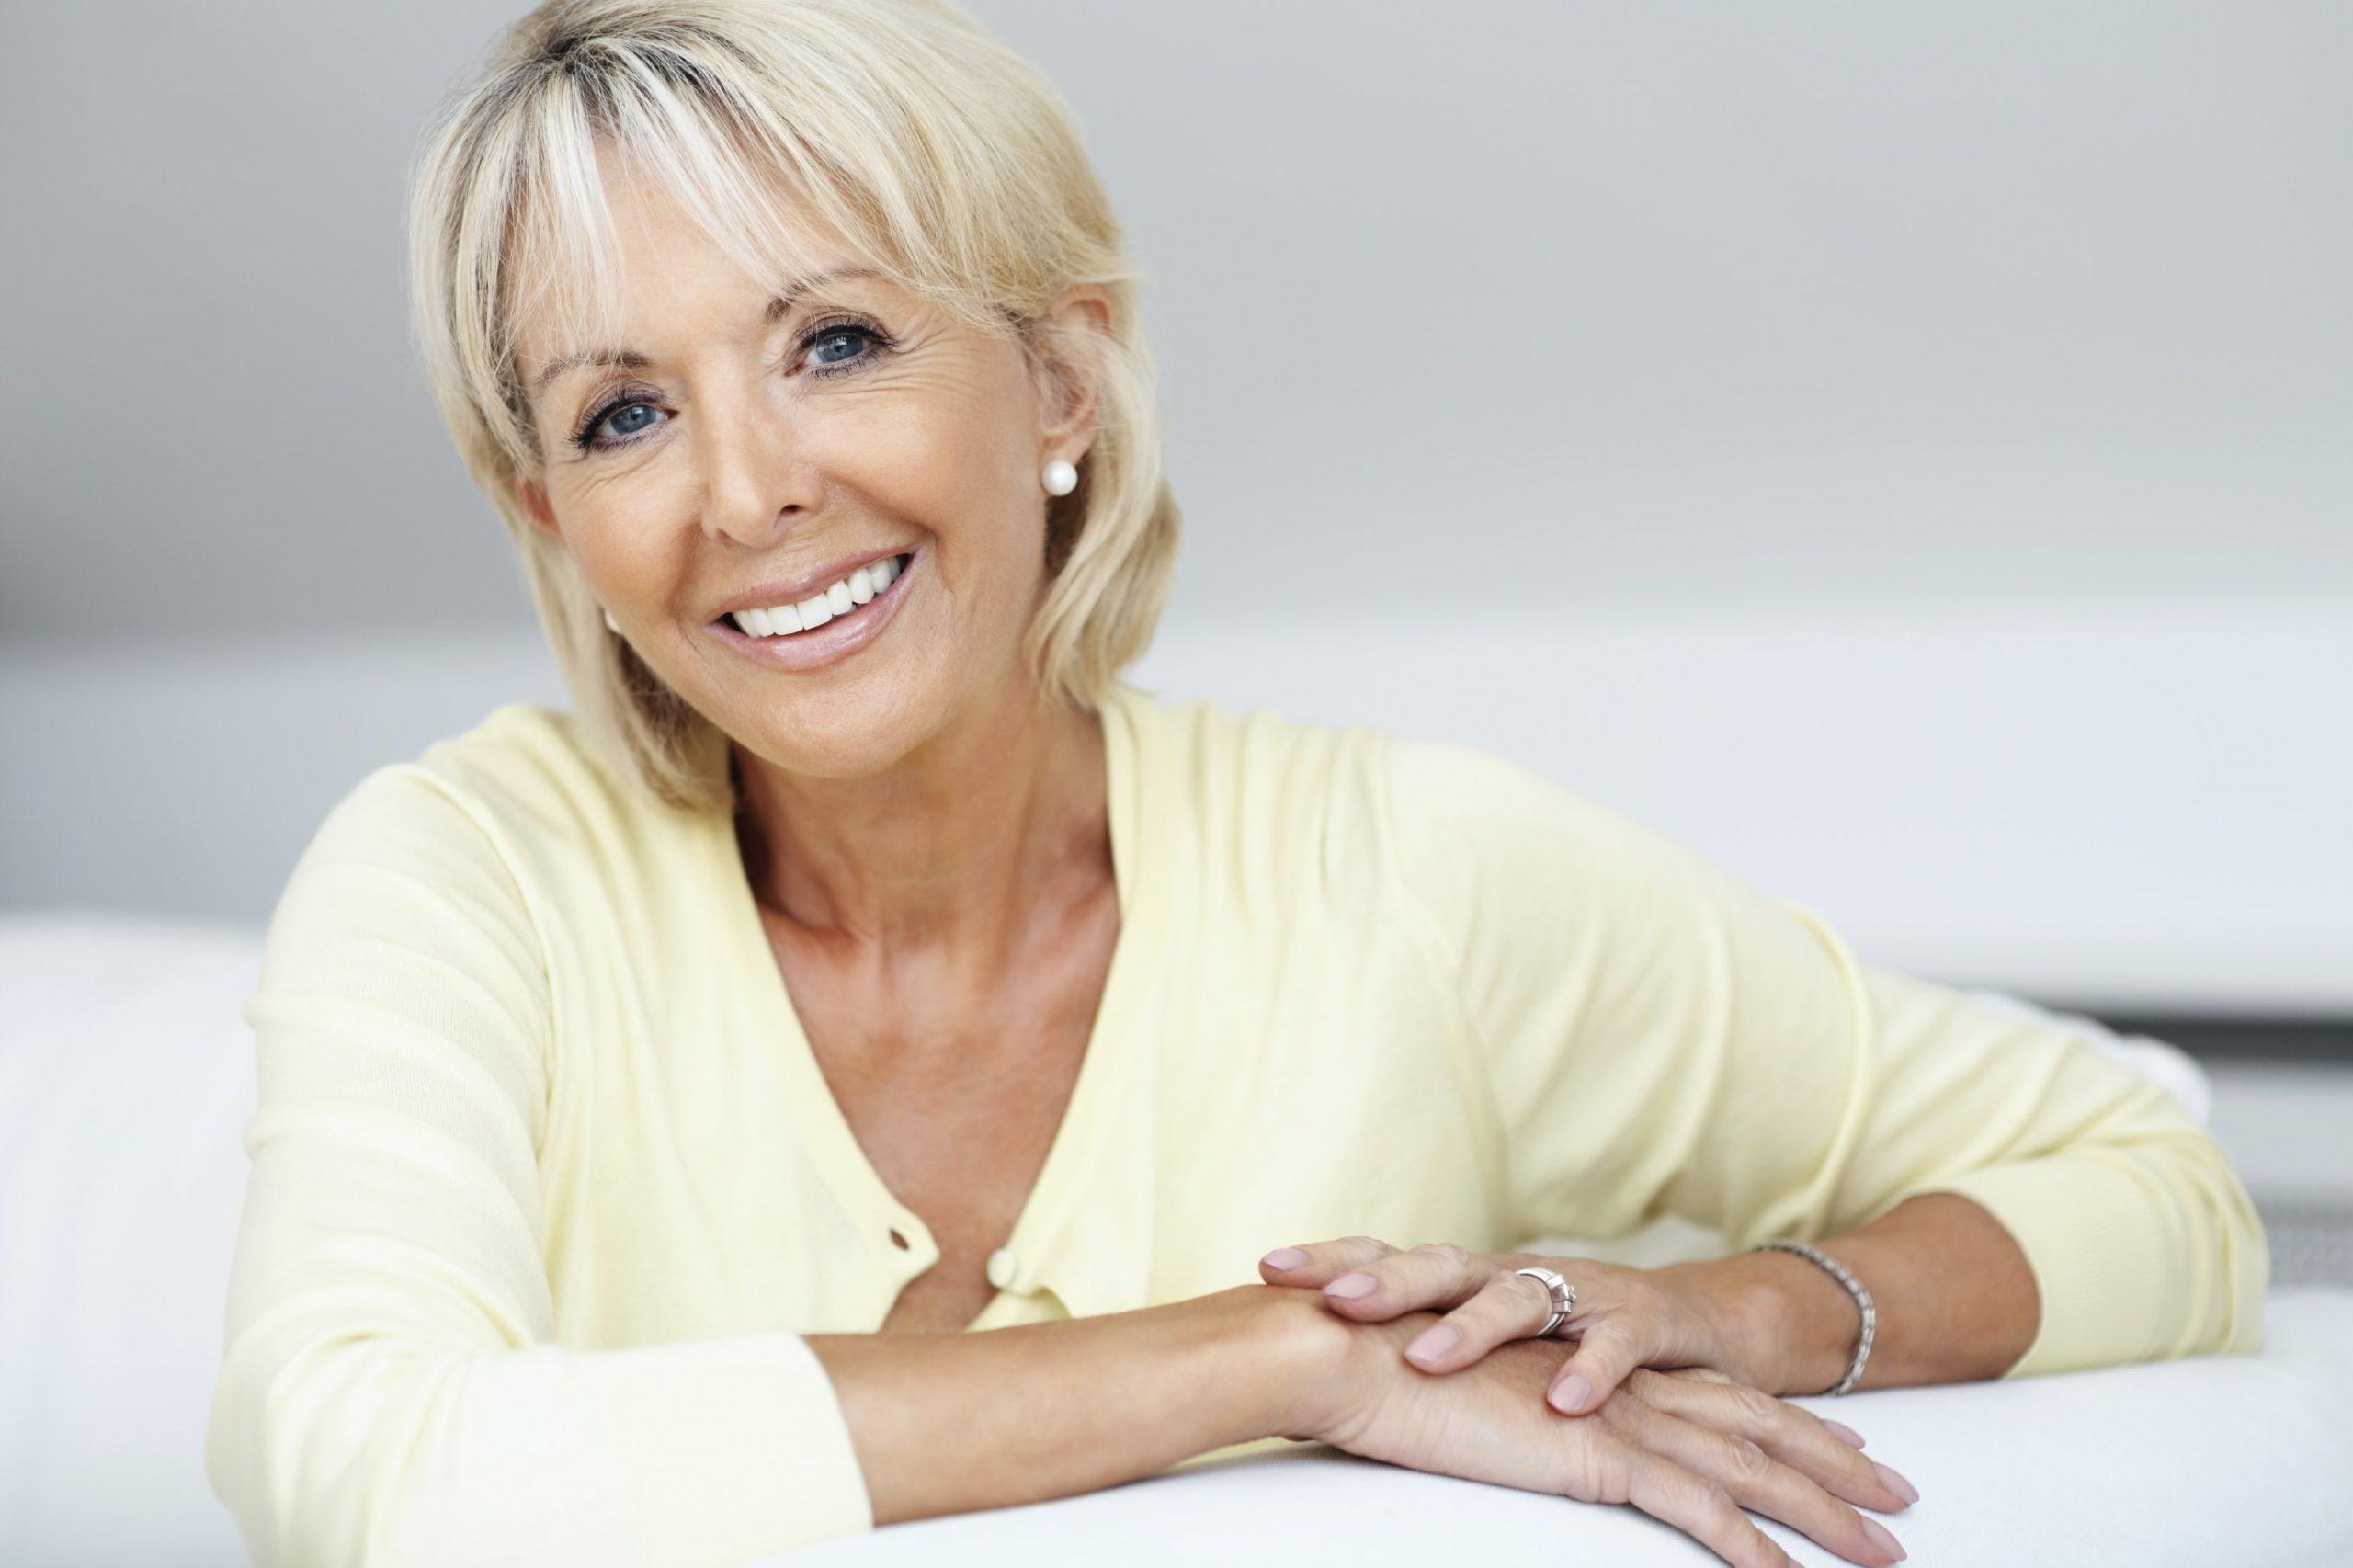 Pierdere în greutate povești de succes menopauză